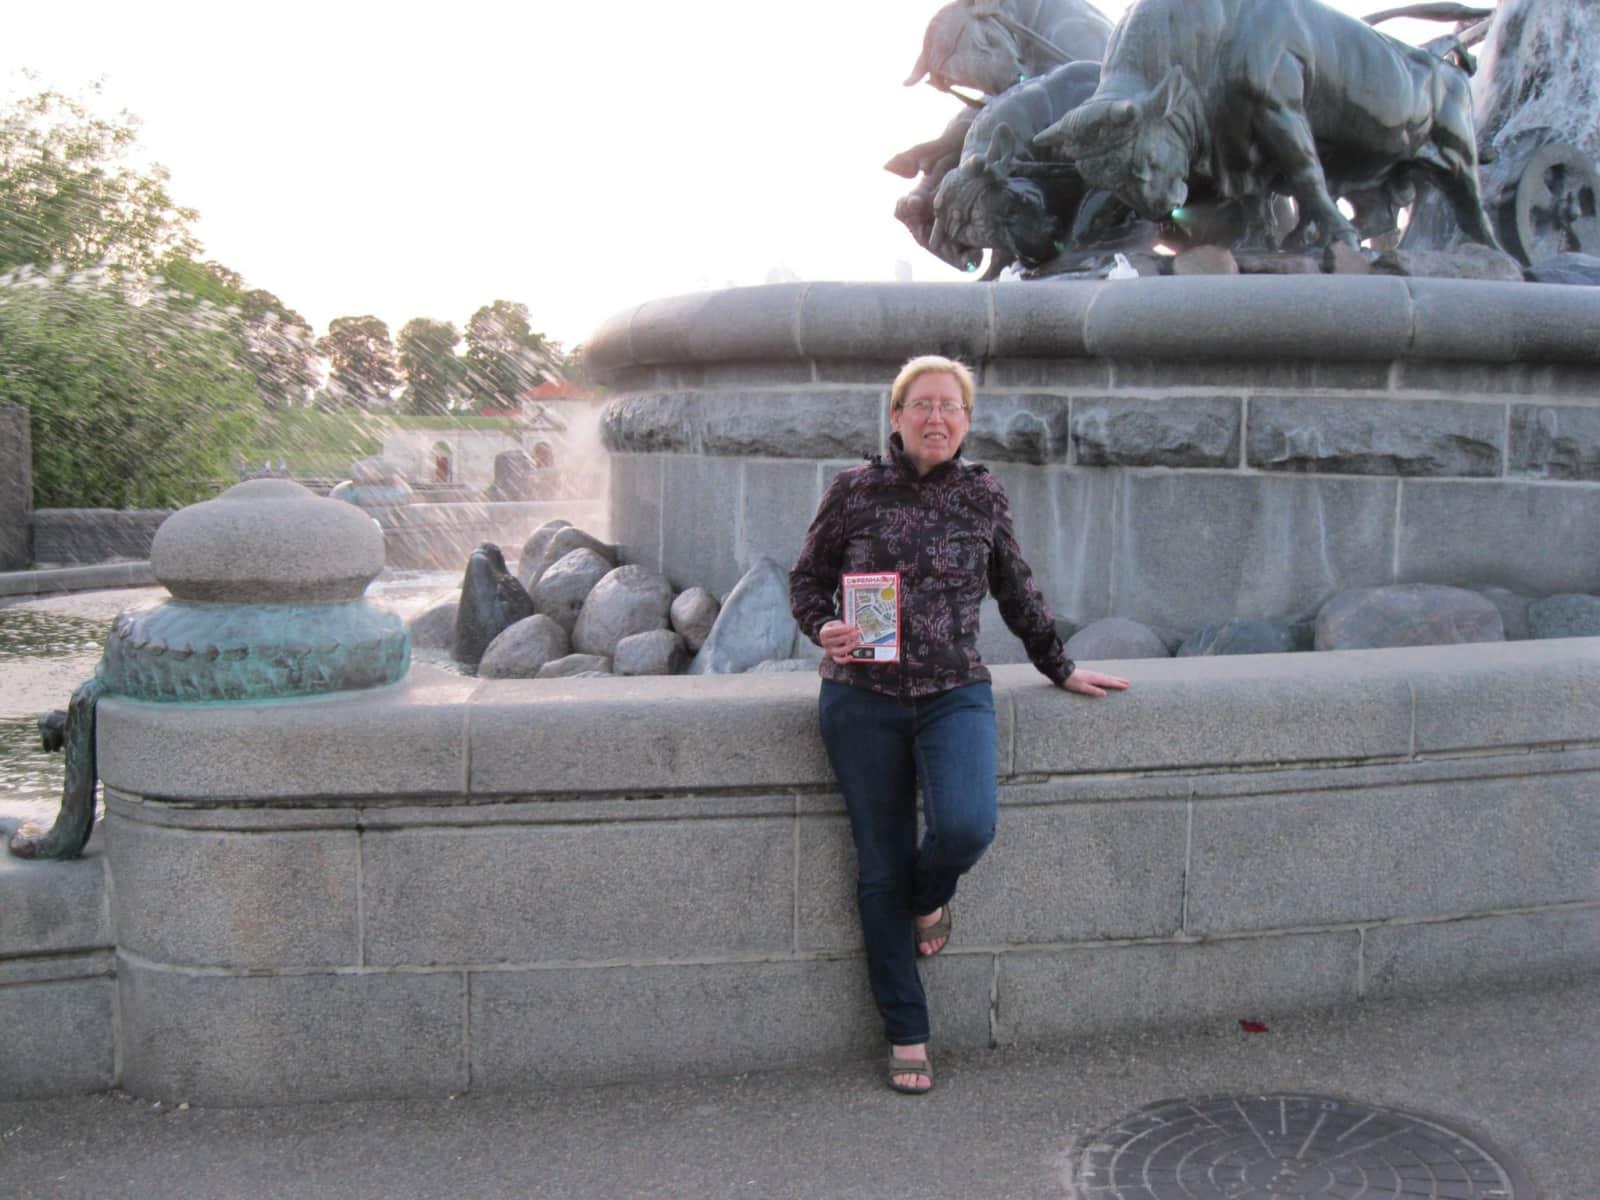 Françoise from Antwerpen, Belgium